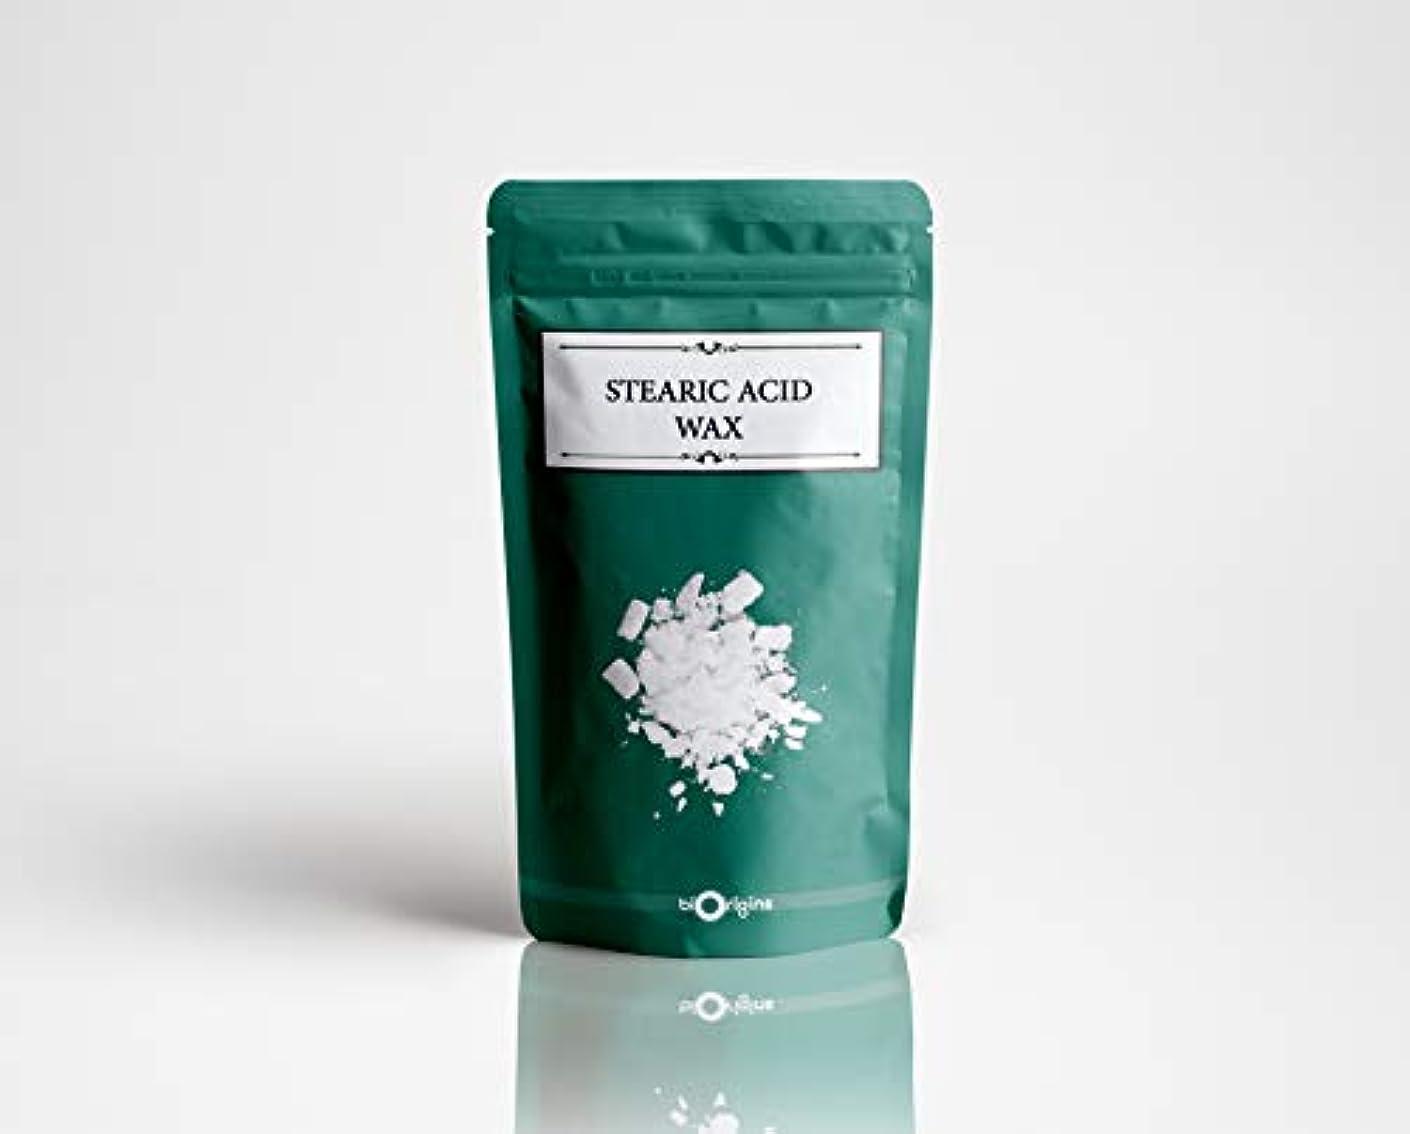 シャットカポックさわやかStearic Acid Wax 100g